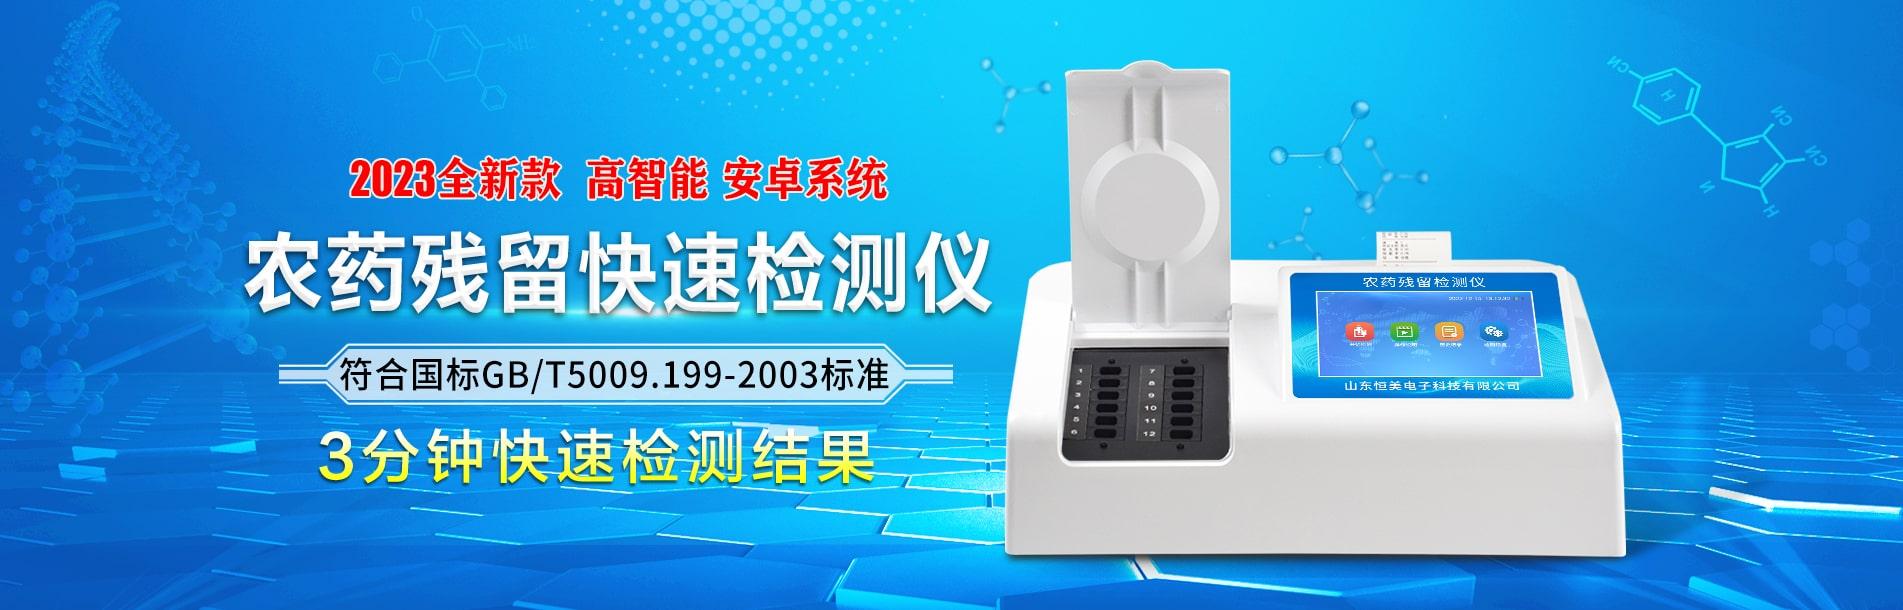 白酒检测仪-白酒甲醇检测仪-饮料检测仪